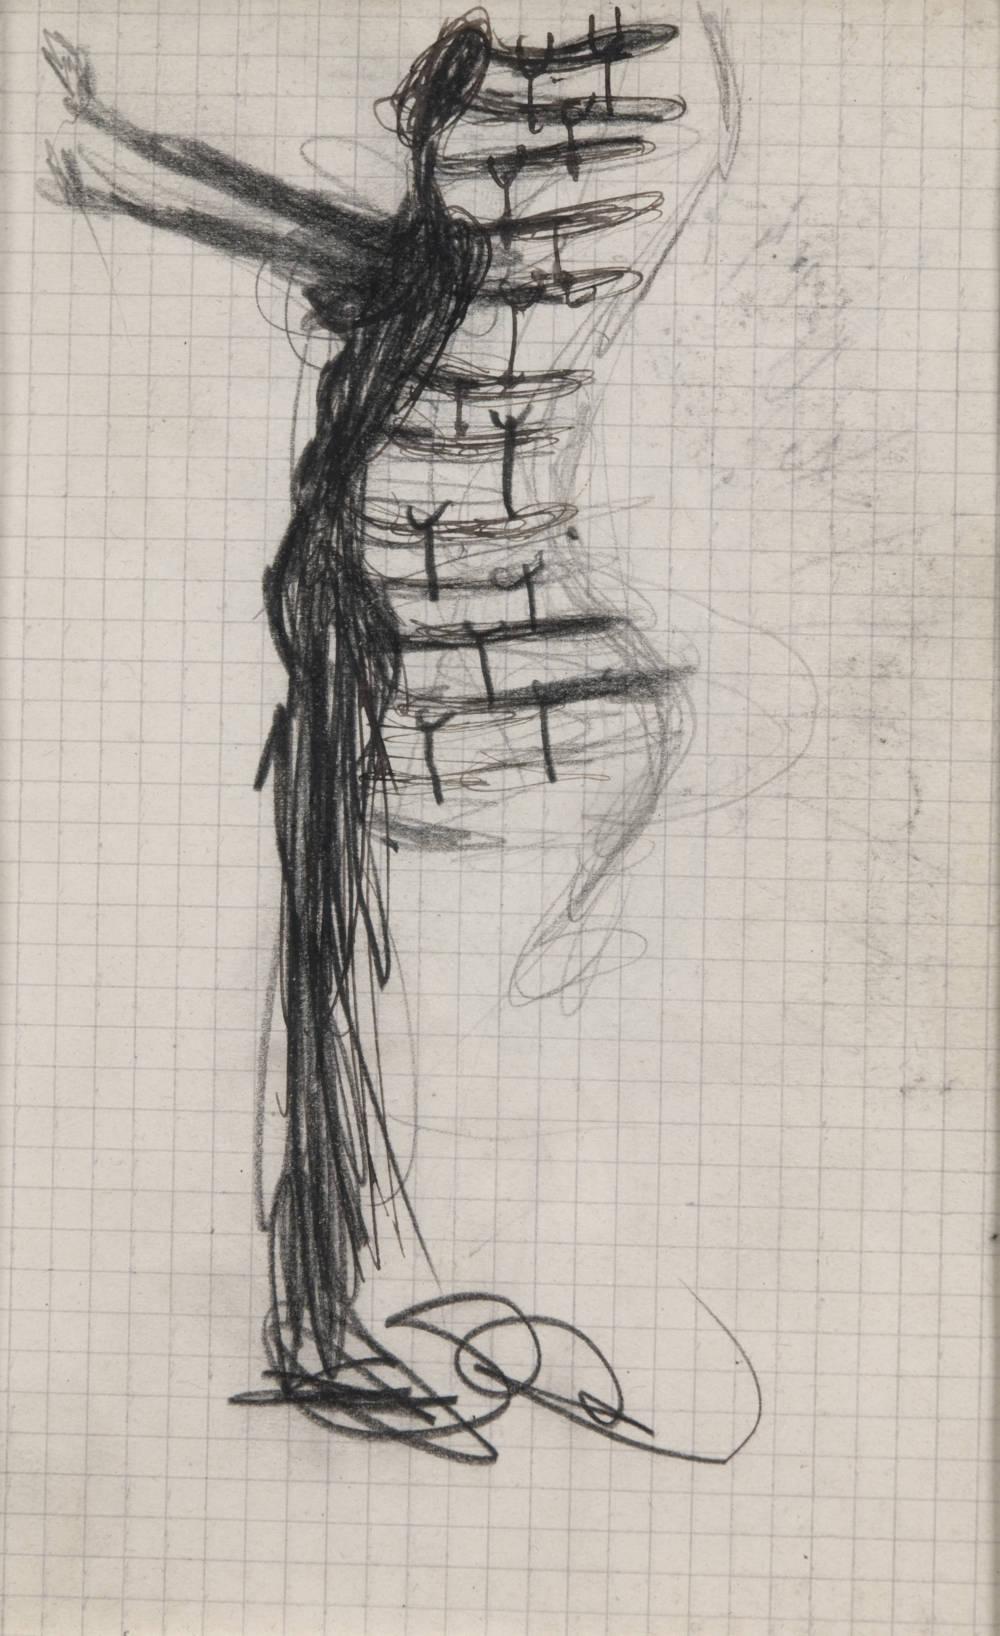 Femme à béquilles aux bras tendus